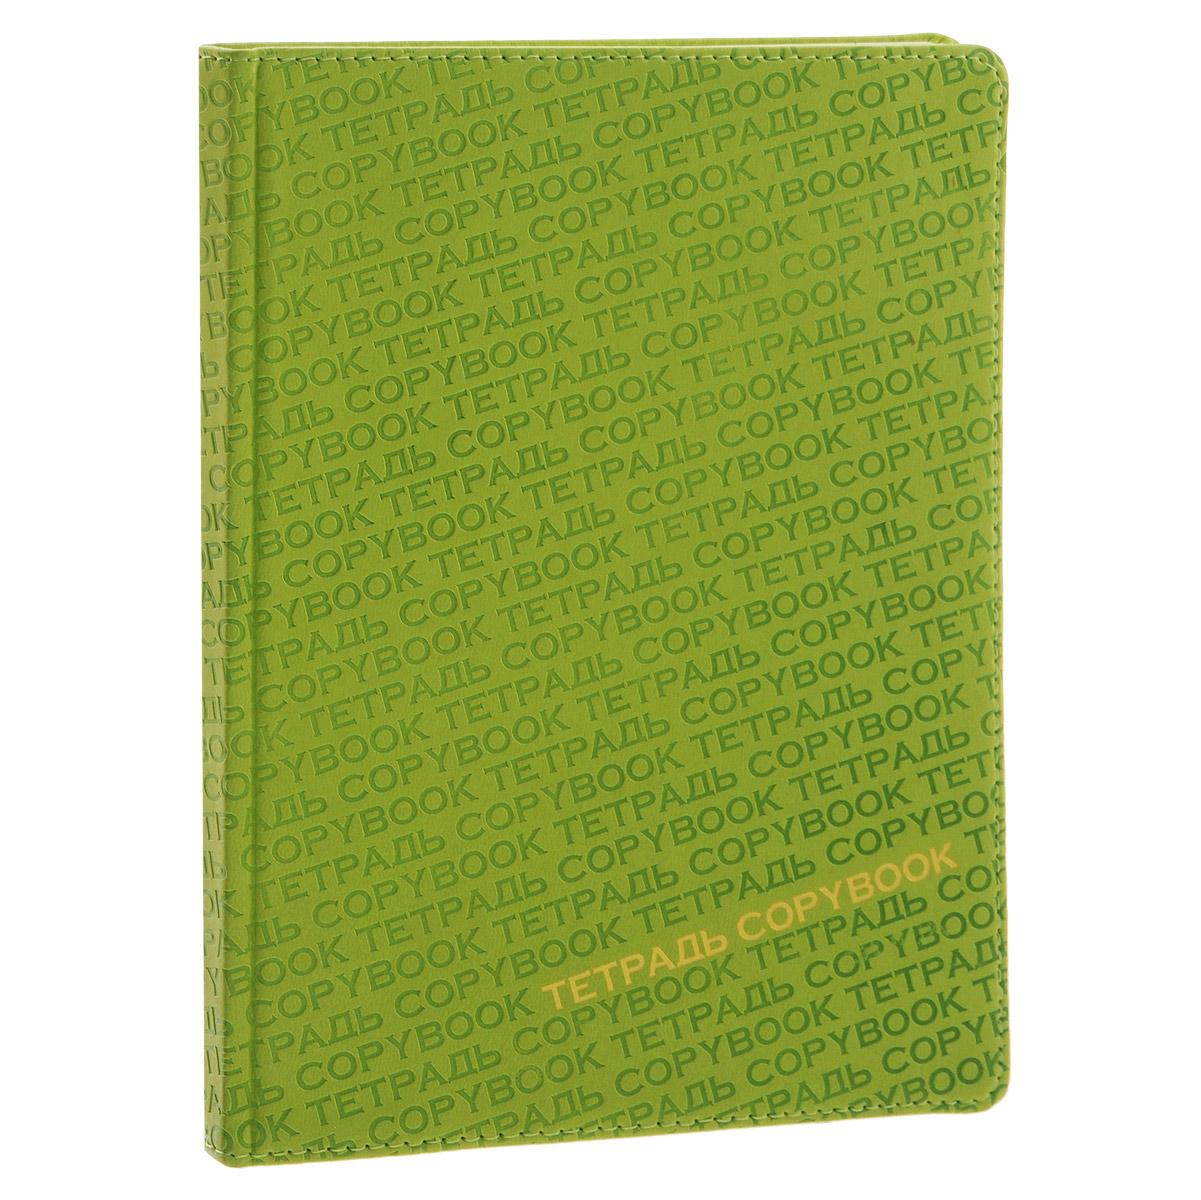 Тетрадь в клетку Альт Буквы. Яркие цвета, 96 листов, формат А5+, цвет: салатовый7-96-976